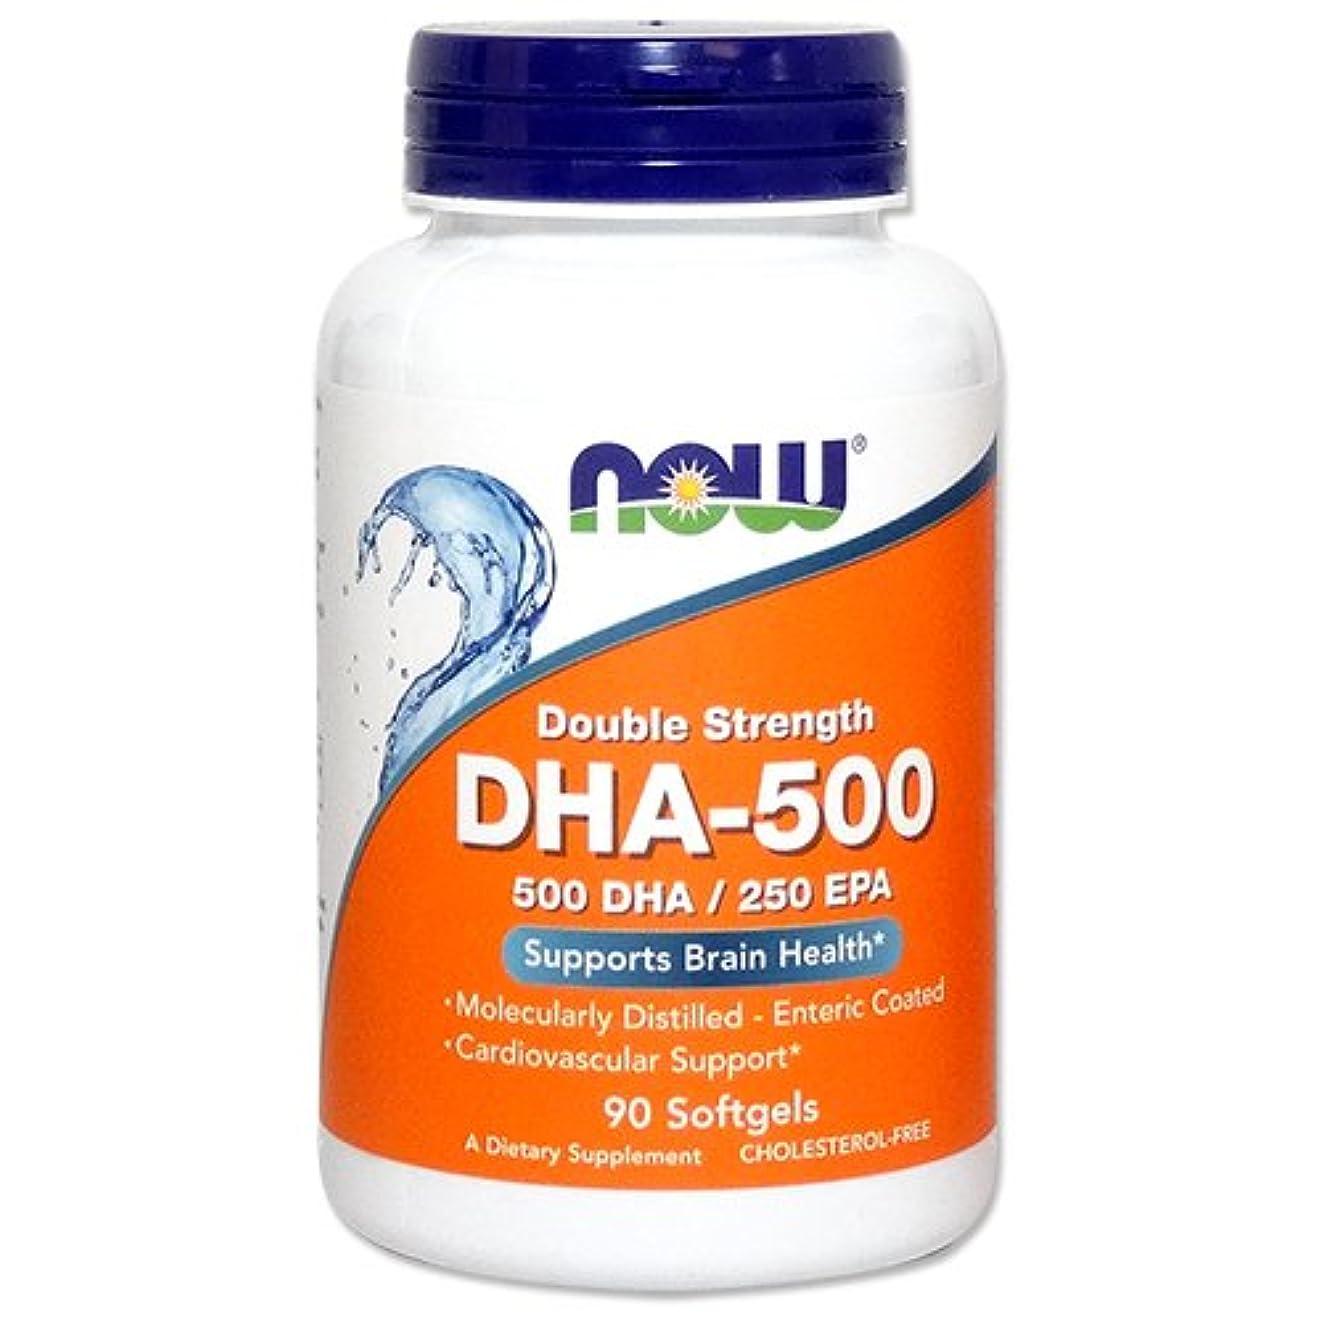 深い年大惨事[海外直送品] ナウフーズ   高含有DHA-500 90粒